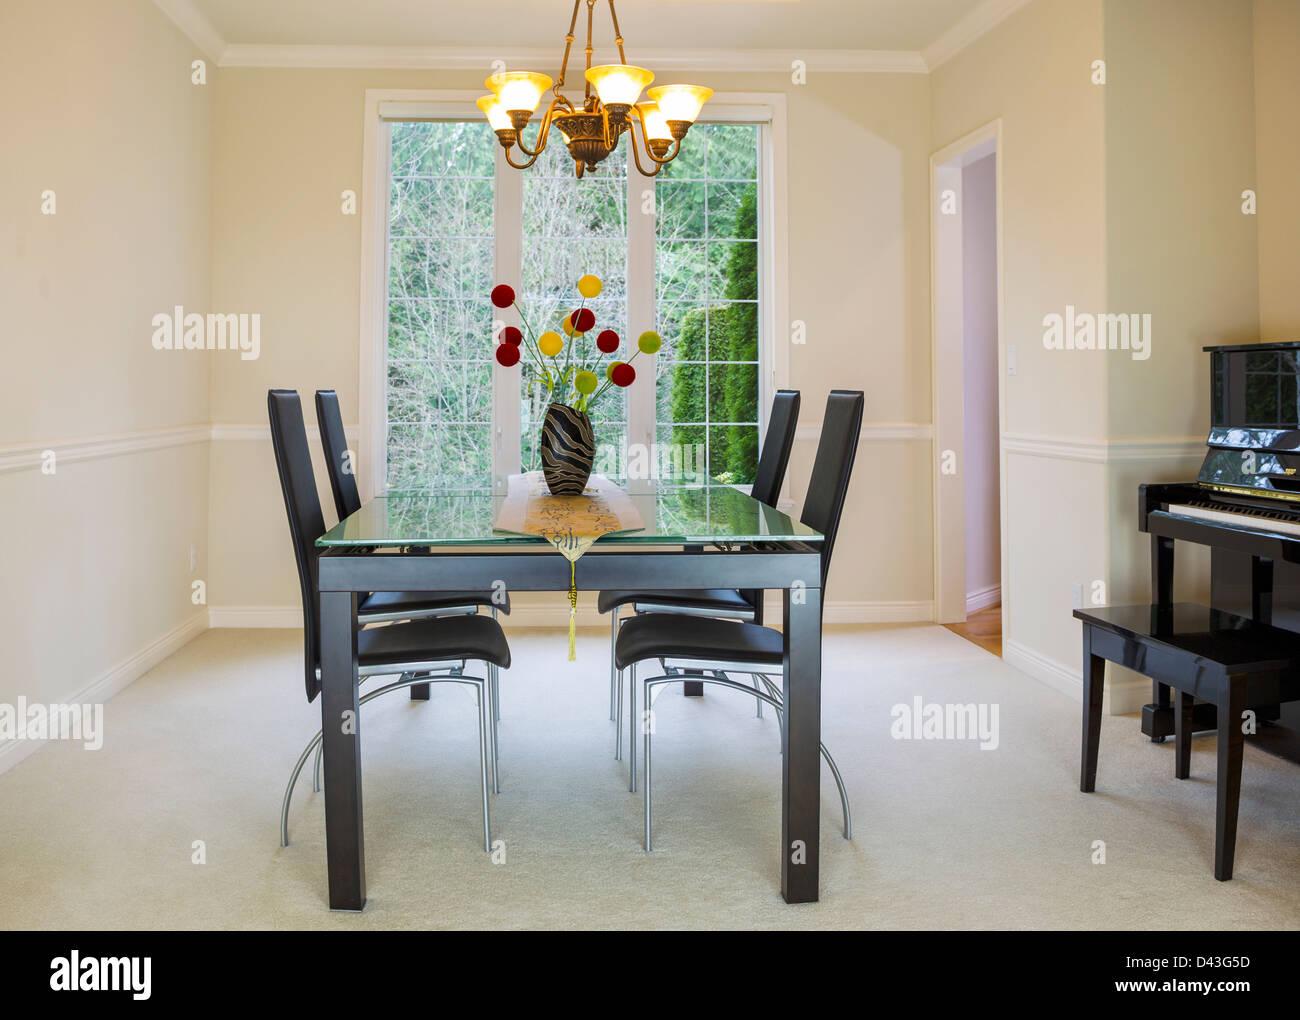 Foto orizzontale della famiglia sala da pranzo formale con luce naturale proveniente dalle grandi finestre in background Immagini Stock